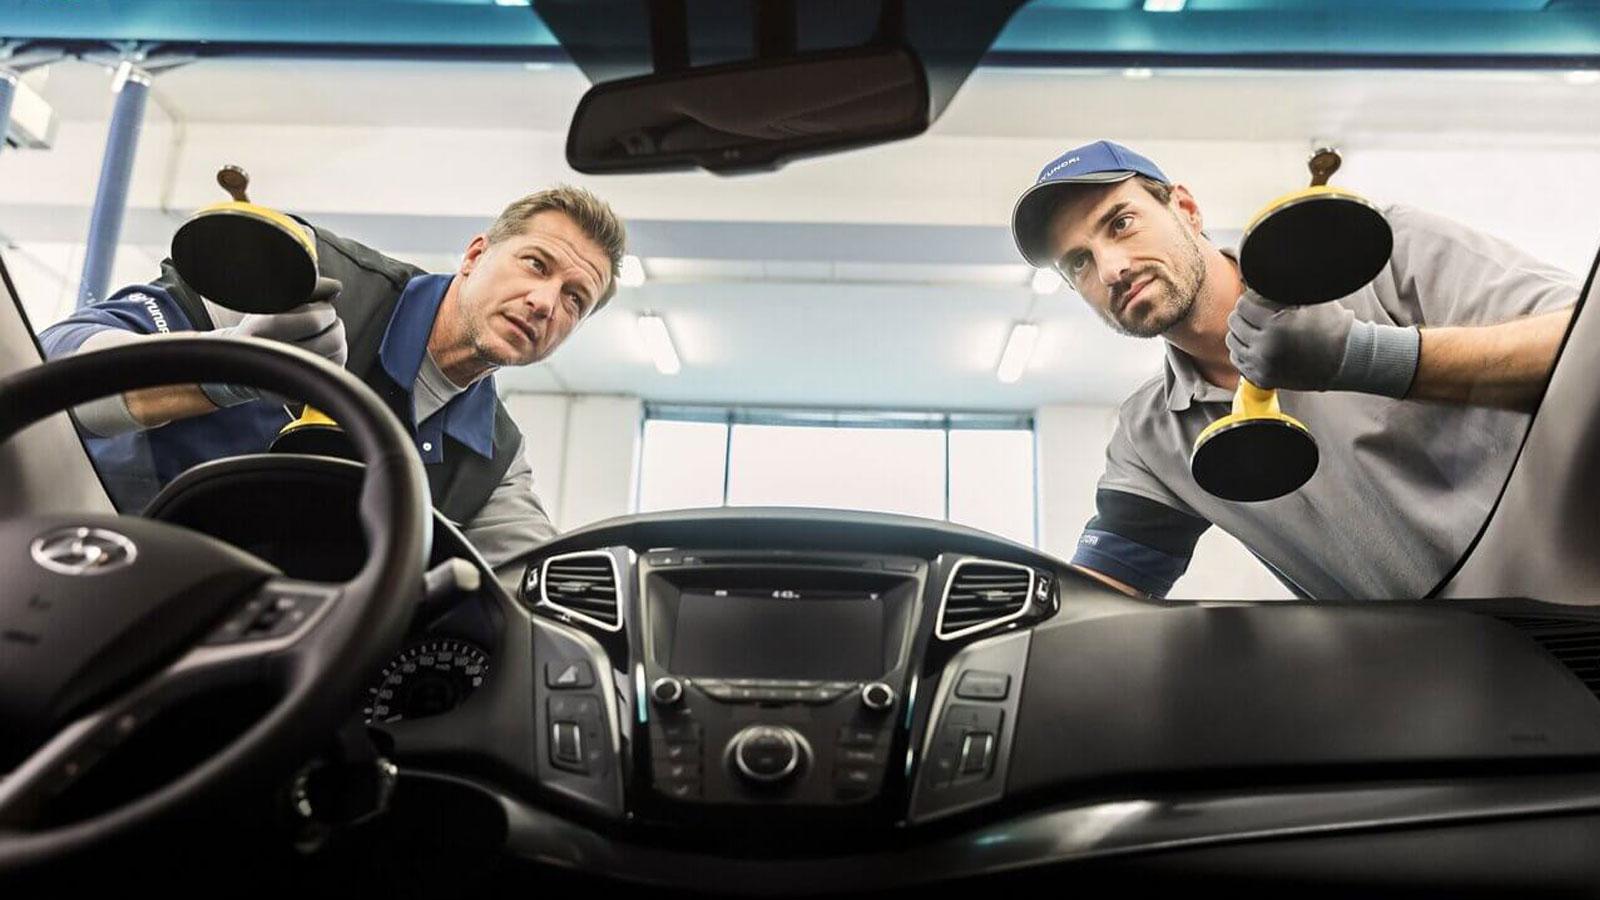 Τα παρμπρίζ της Hyundai σχεδιάζονται και ελέγχονται με πολύ υψηλές προδιαγραφές. Κορυφαία ποιότητα υλικών, αεροδυναμικός σχεδιασμός και ακρίβεια στην τοποθέτηση από τους experts του Δικτύου Εξουσιοδοτημένων Συνεργείων Hyundai